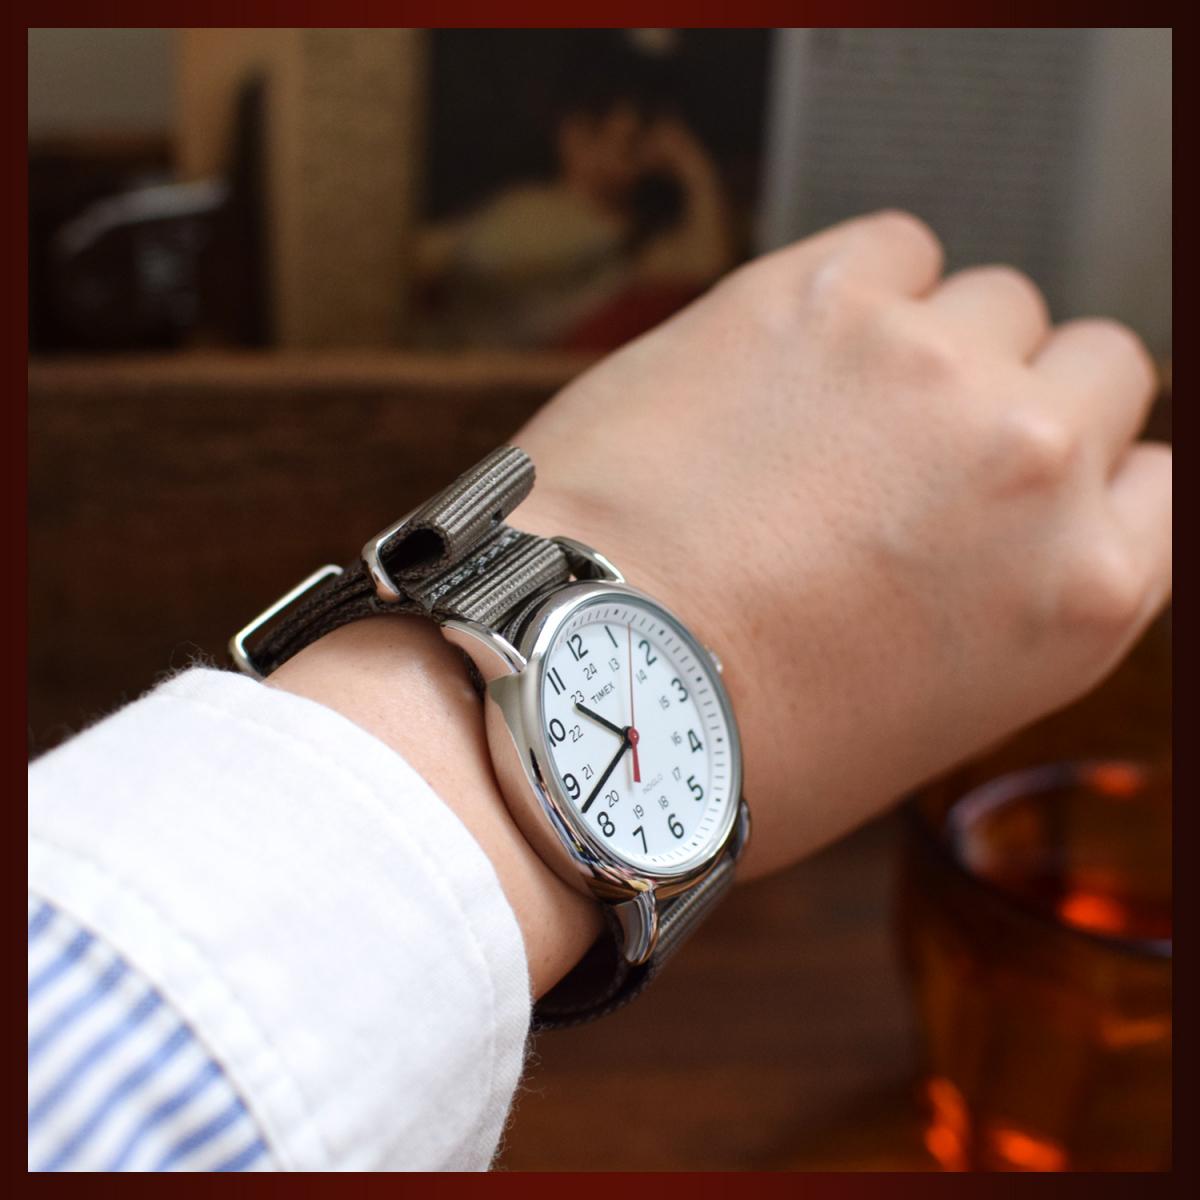 時計ベルト16mm 4本セット NATO ゴールドバックル ショートサイズ 取付けマニュアル 腕時計バンドセット売り_画像9